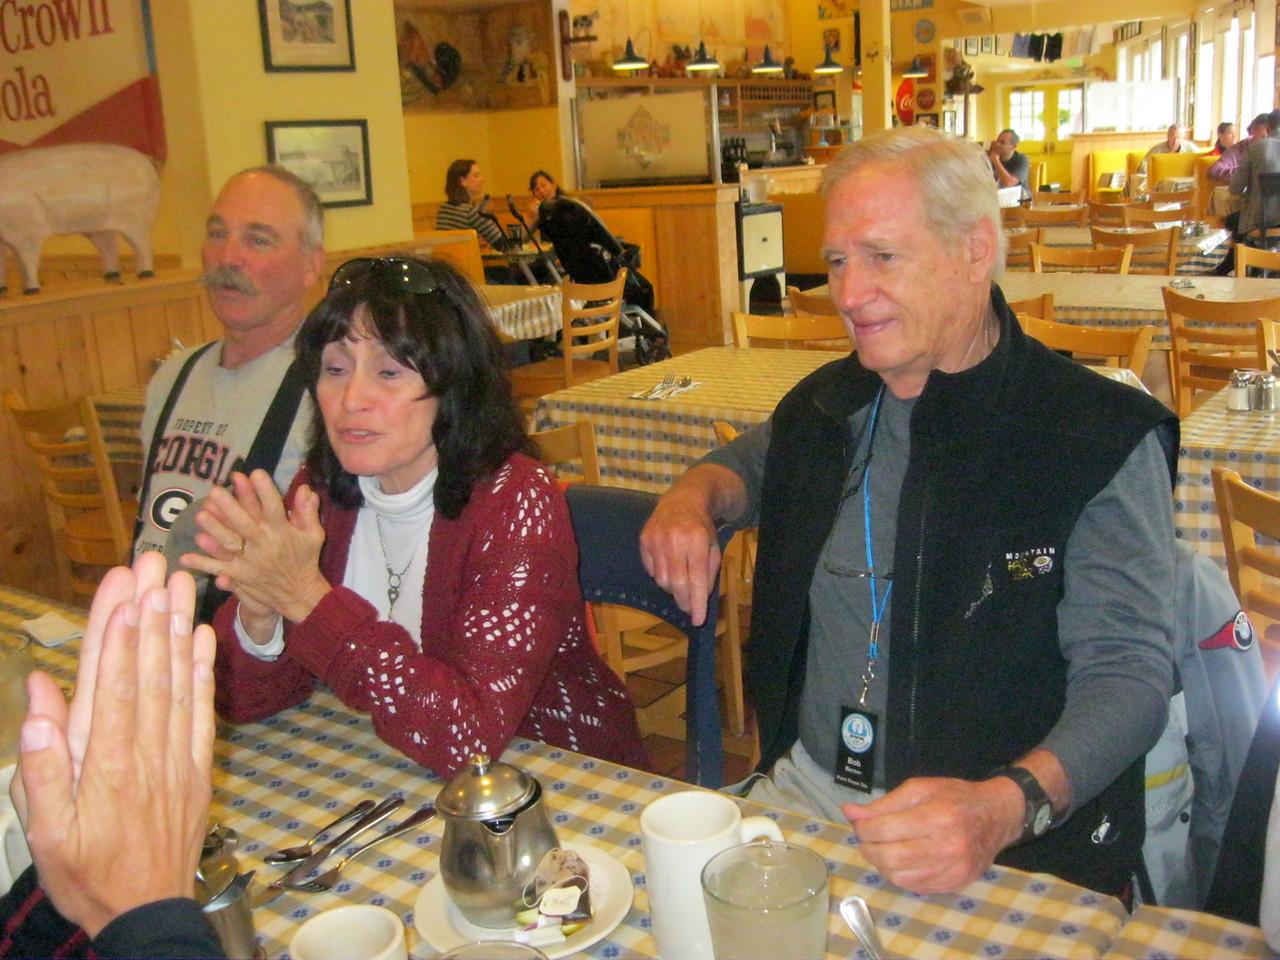 Jim Irving, Barbara Garfien and Robert Berner.